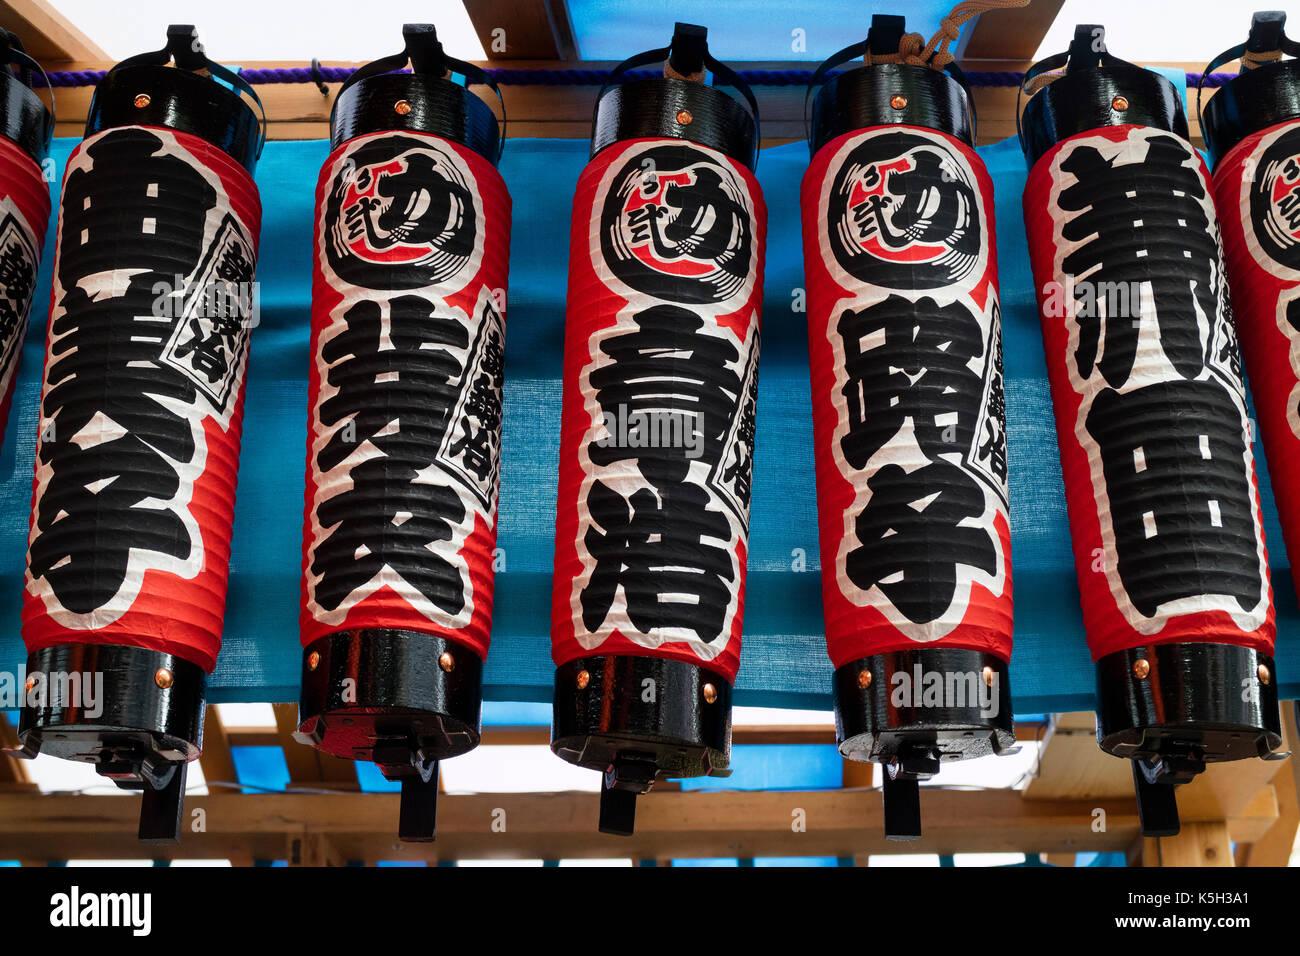 Tokyo, Giappone - 14 maggio 2017: fila di lanterne di carta con caratteri giapponesi lungo la strada al kanda matsuri festival Immagini Stock